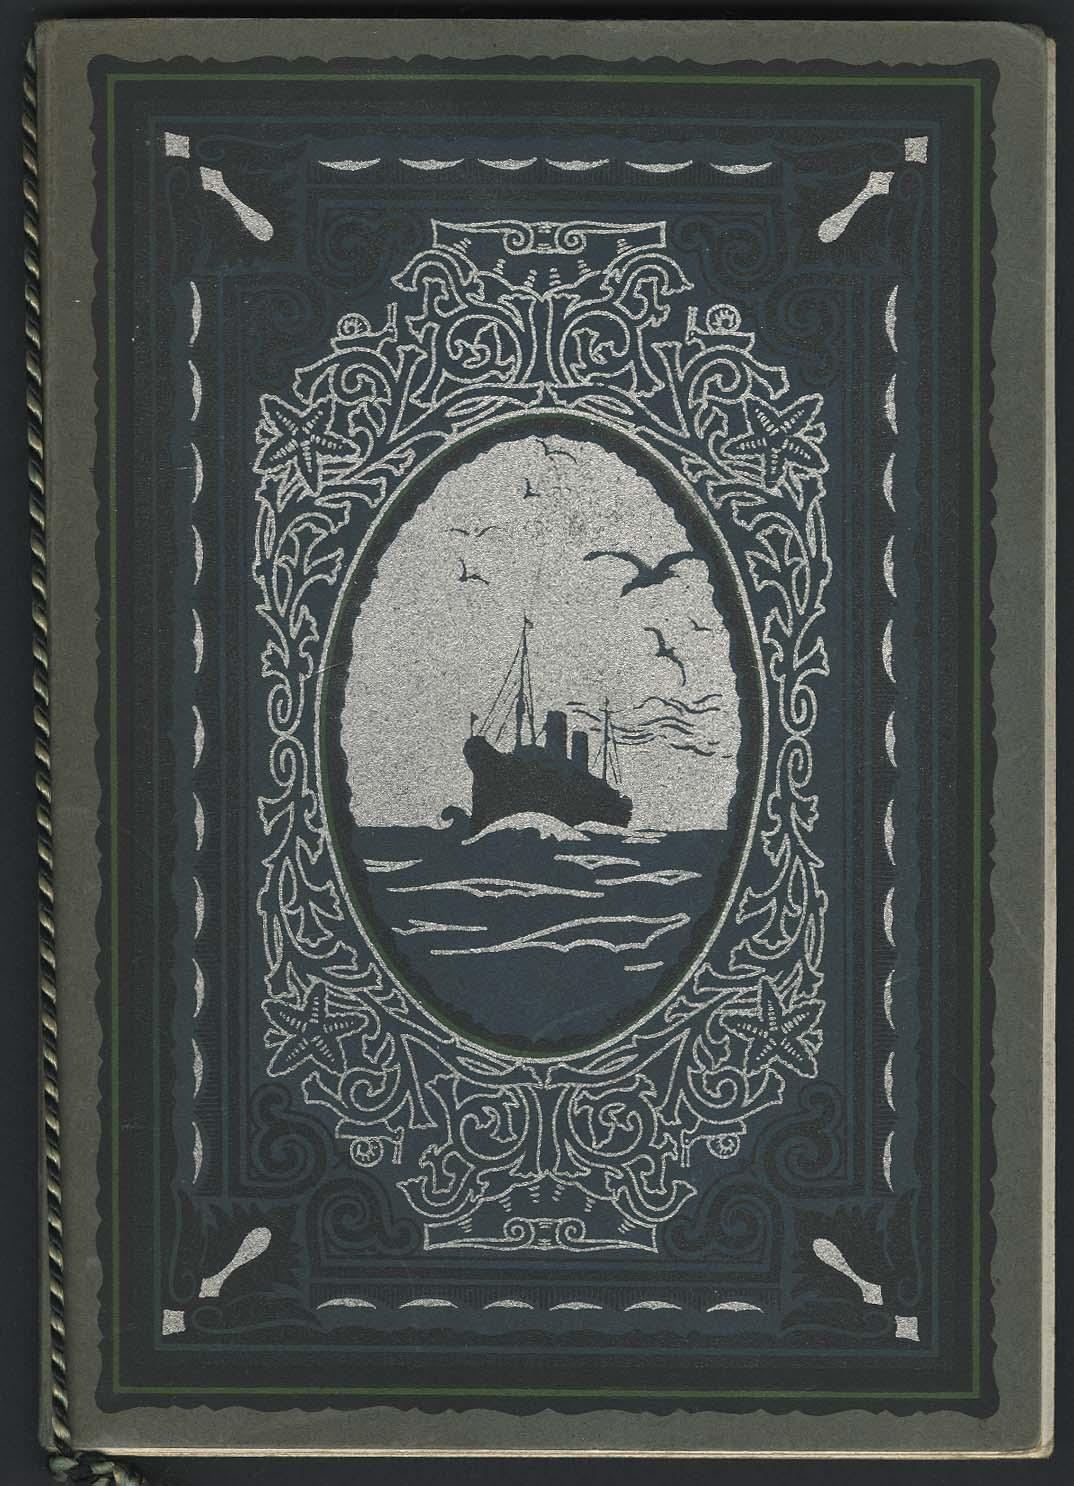 Lot 5973 - schiffspost Schiffspost bis 1914 -  Auktionshaus Ulrich Felzmann GmbH & Co. KG